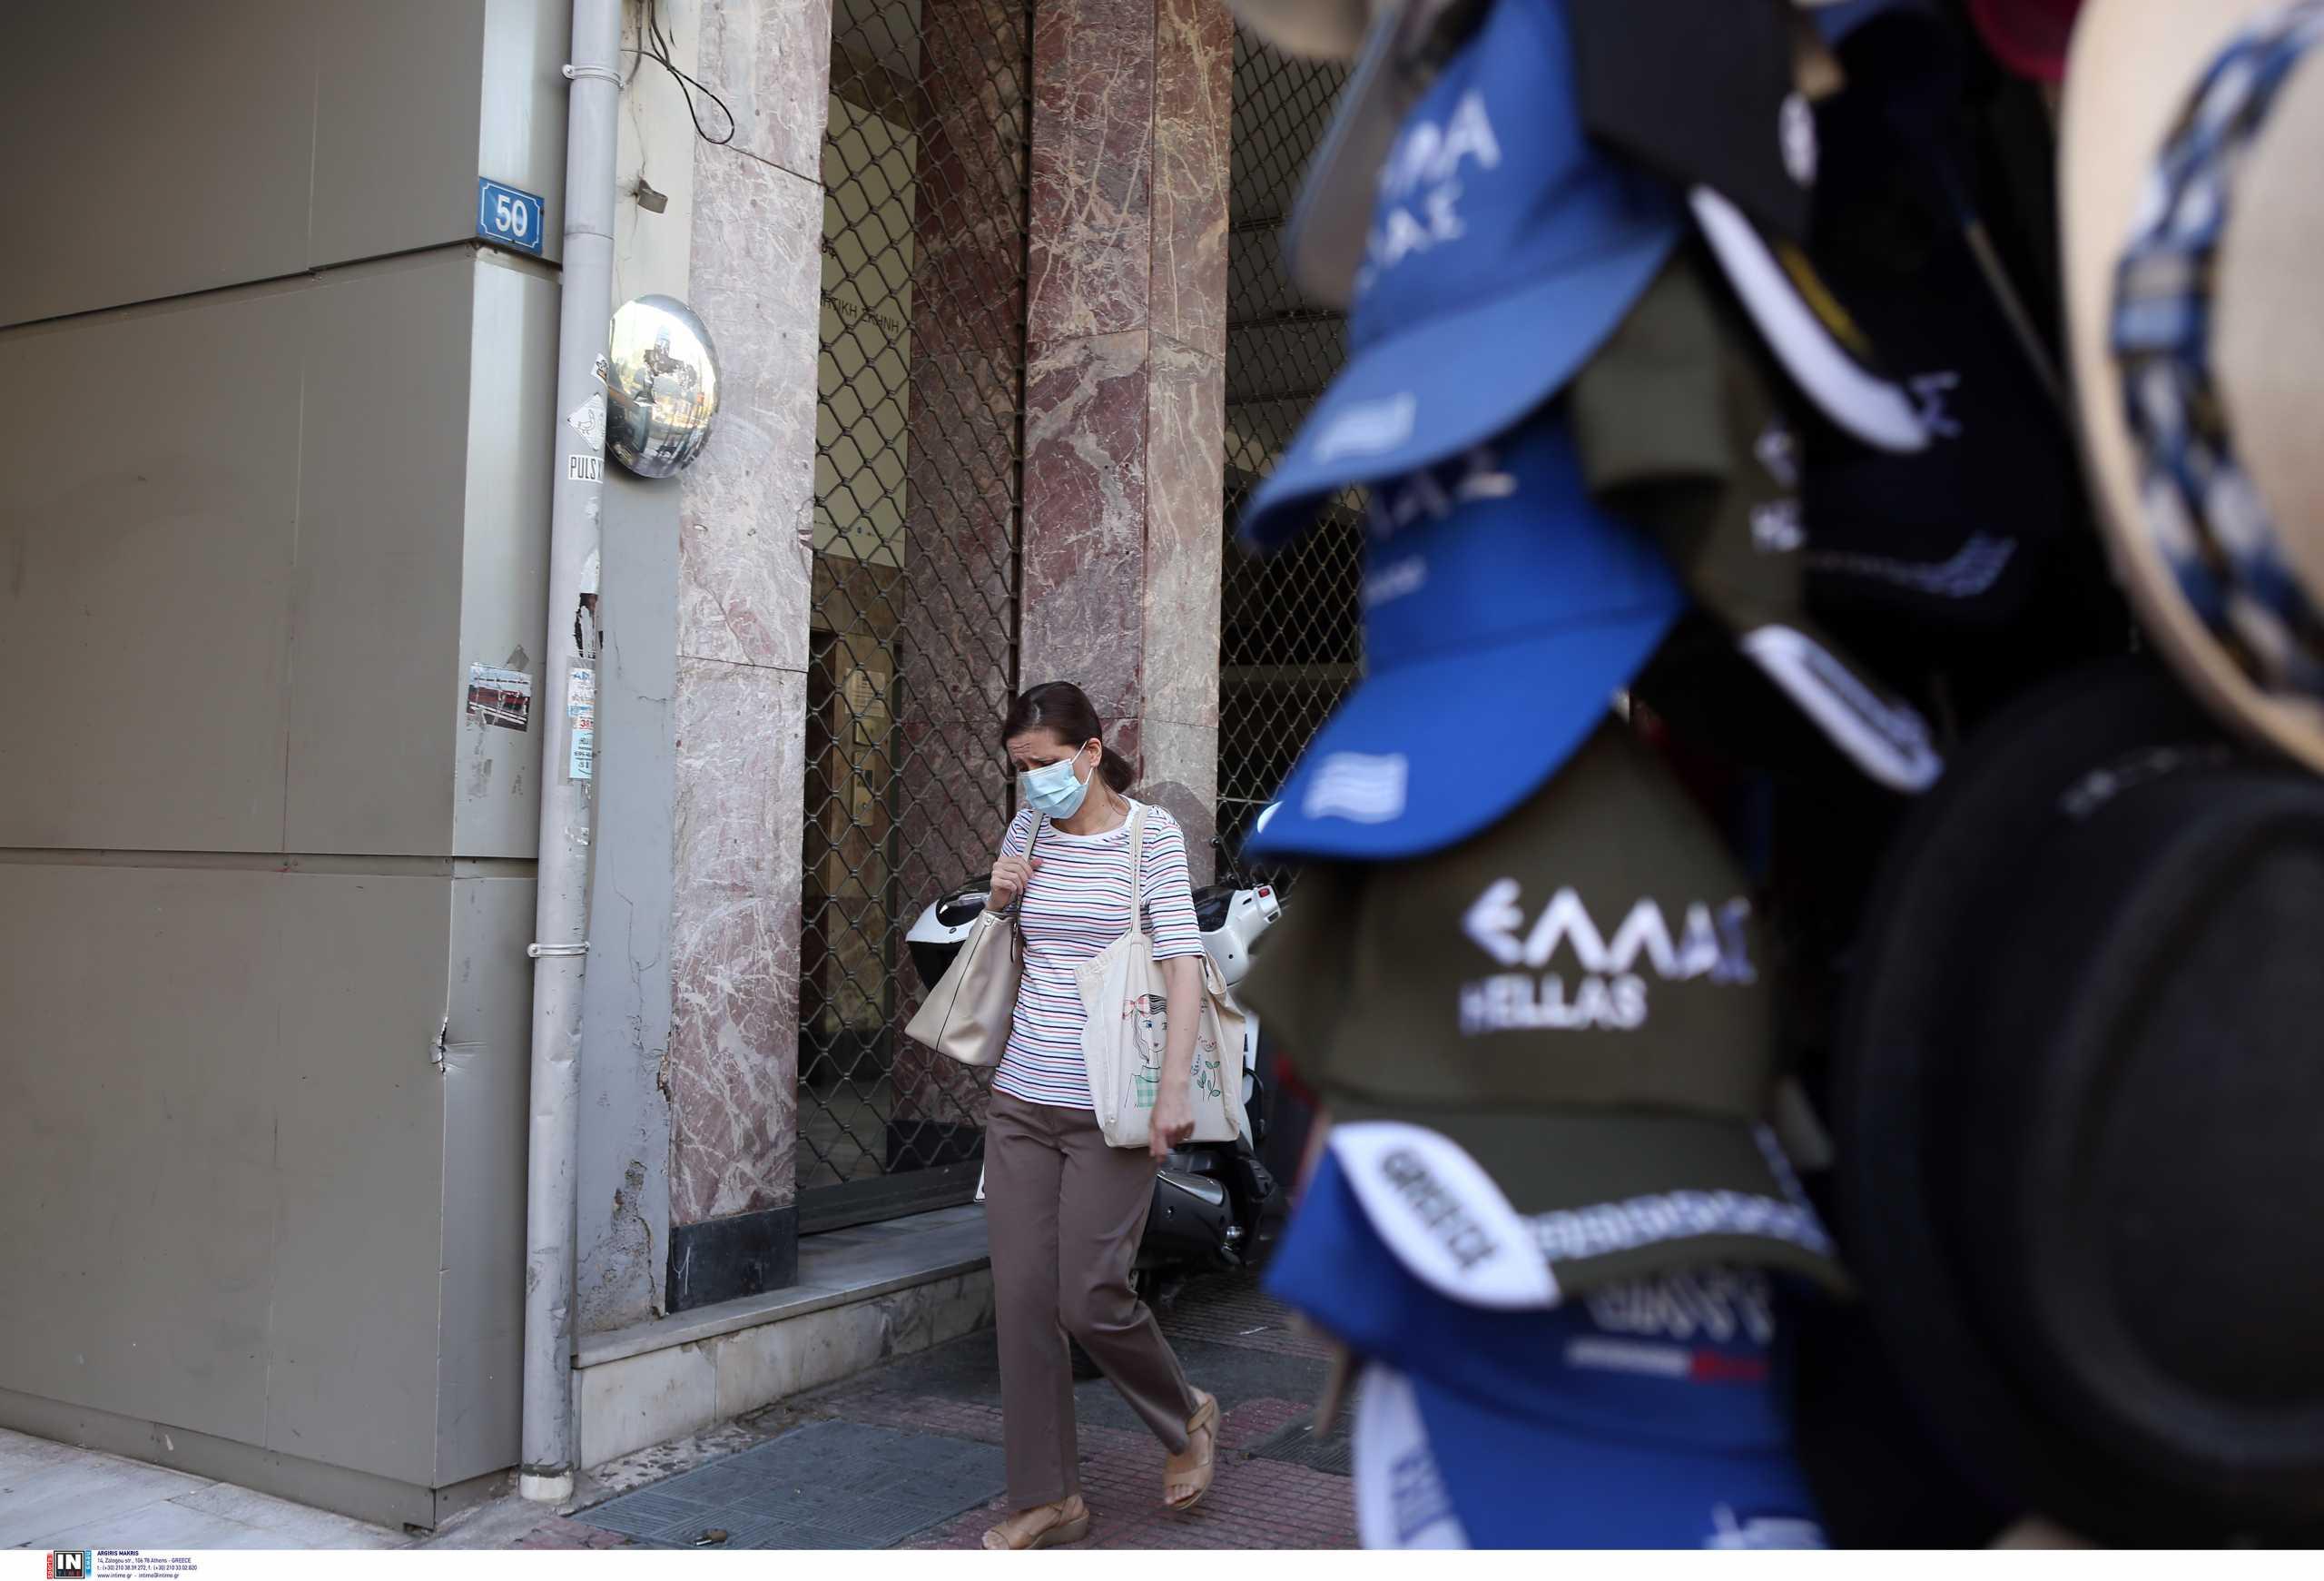 Κορονοϊός: 2132 νέα κρούσματα σήμερα 10/09 στην Ελλάδα